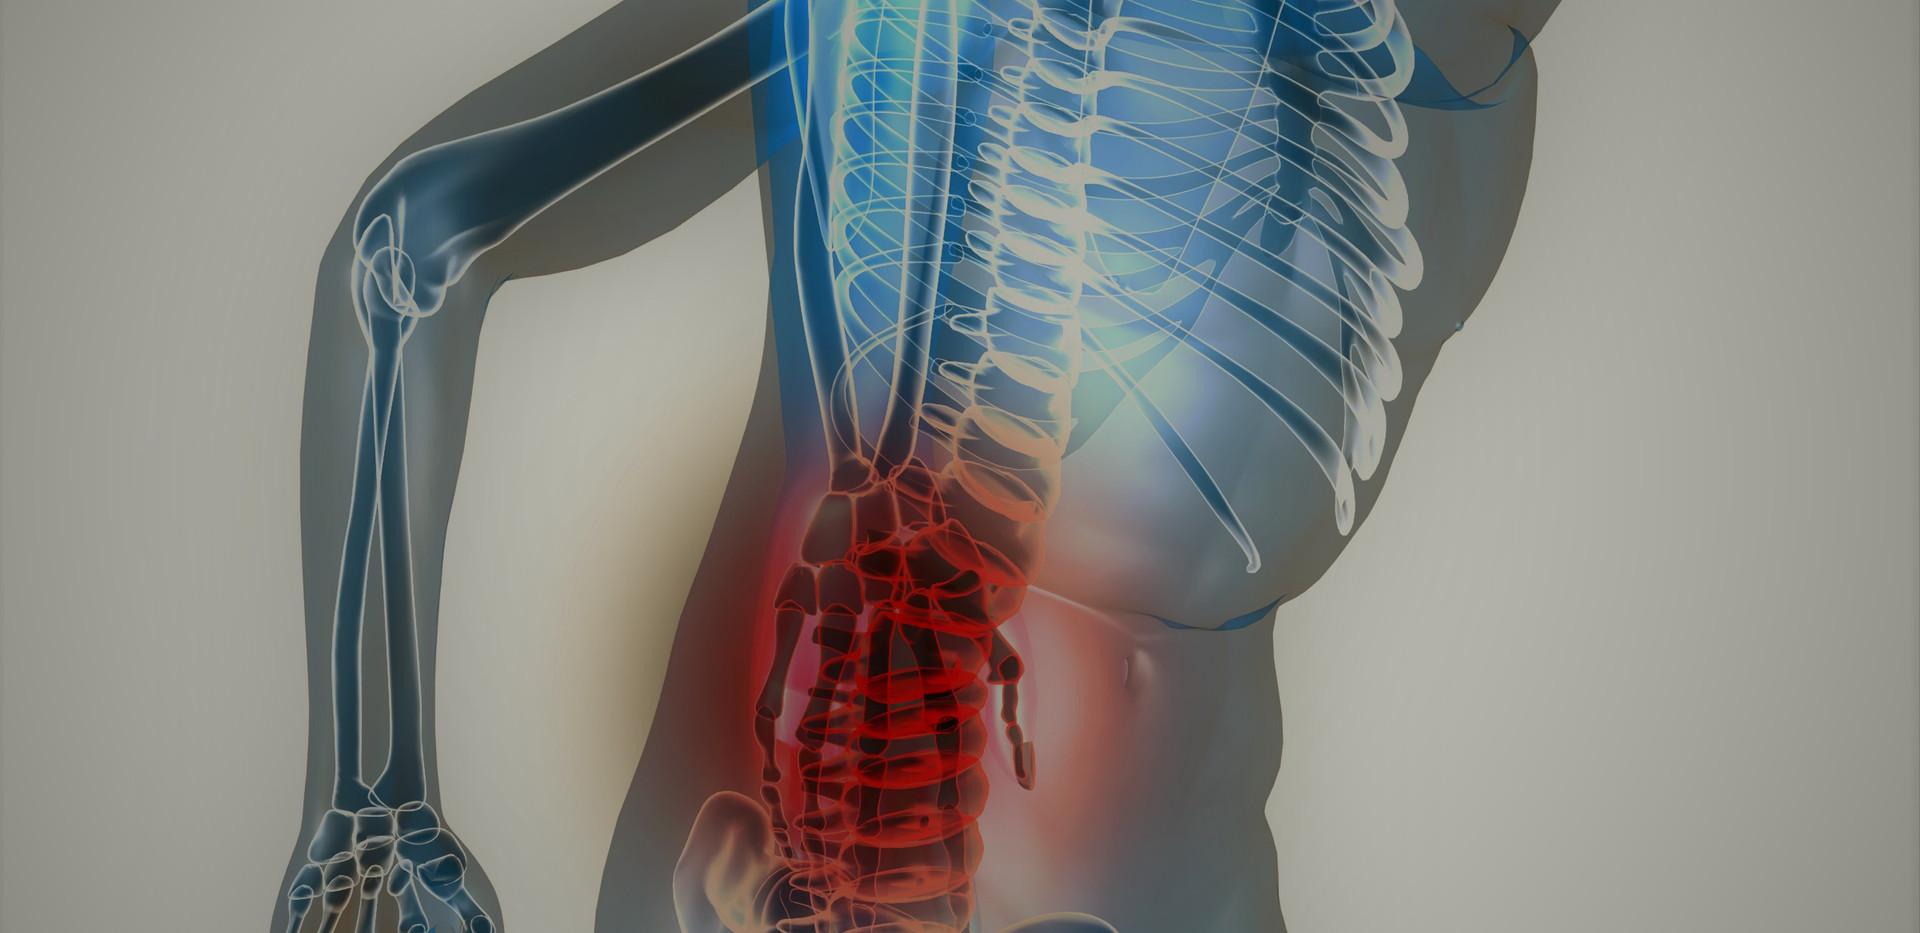 Chiropraxis Schwall, Chiropraktik und Osteopathie in Köln, Rückenschmerzen